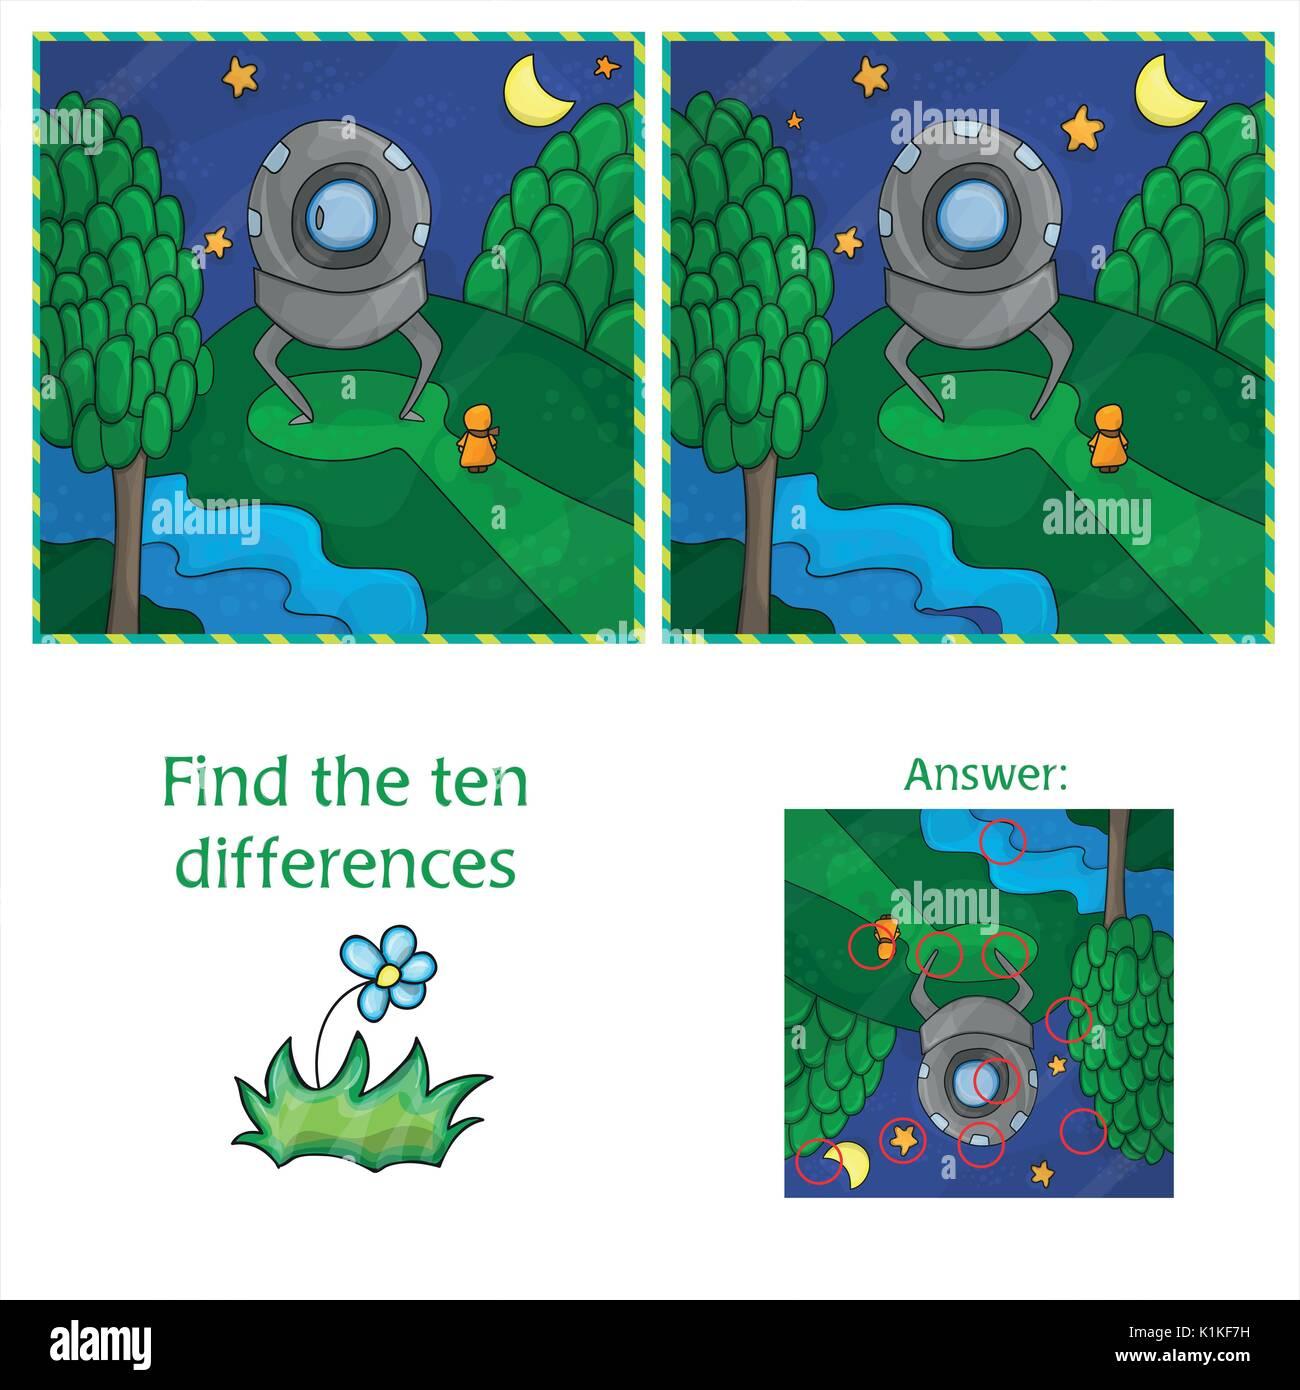 Trouvez les différences 10 OVNIS. Jeu éducatif pour les enfants. Cartoon vector illustration. Illustration de Vecteur